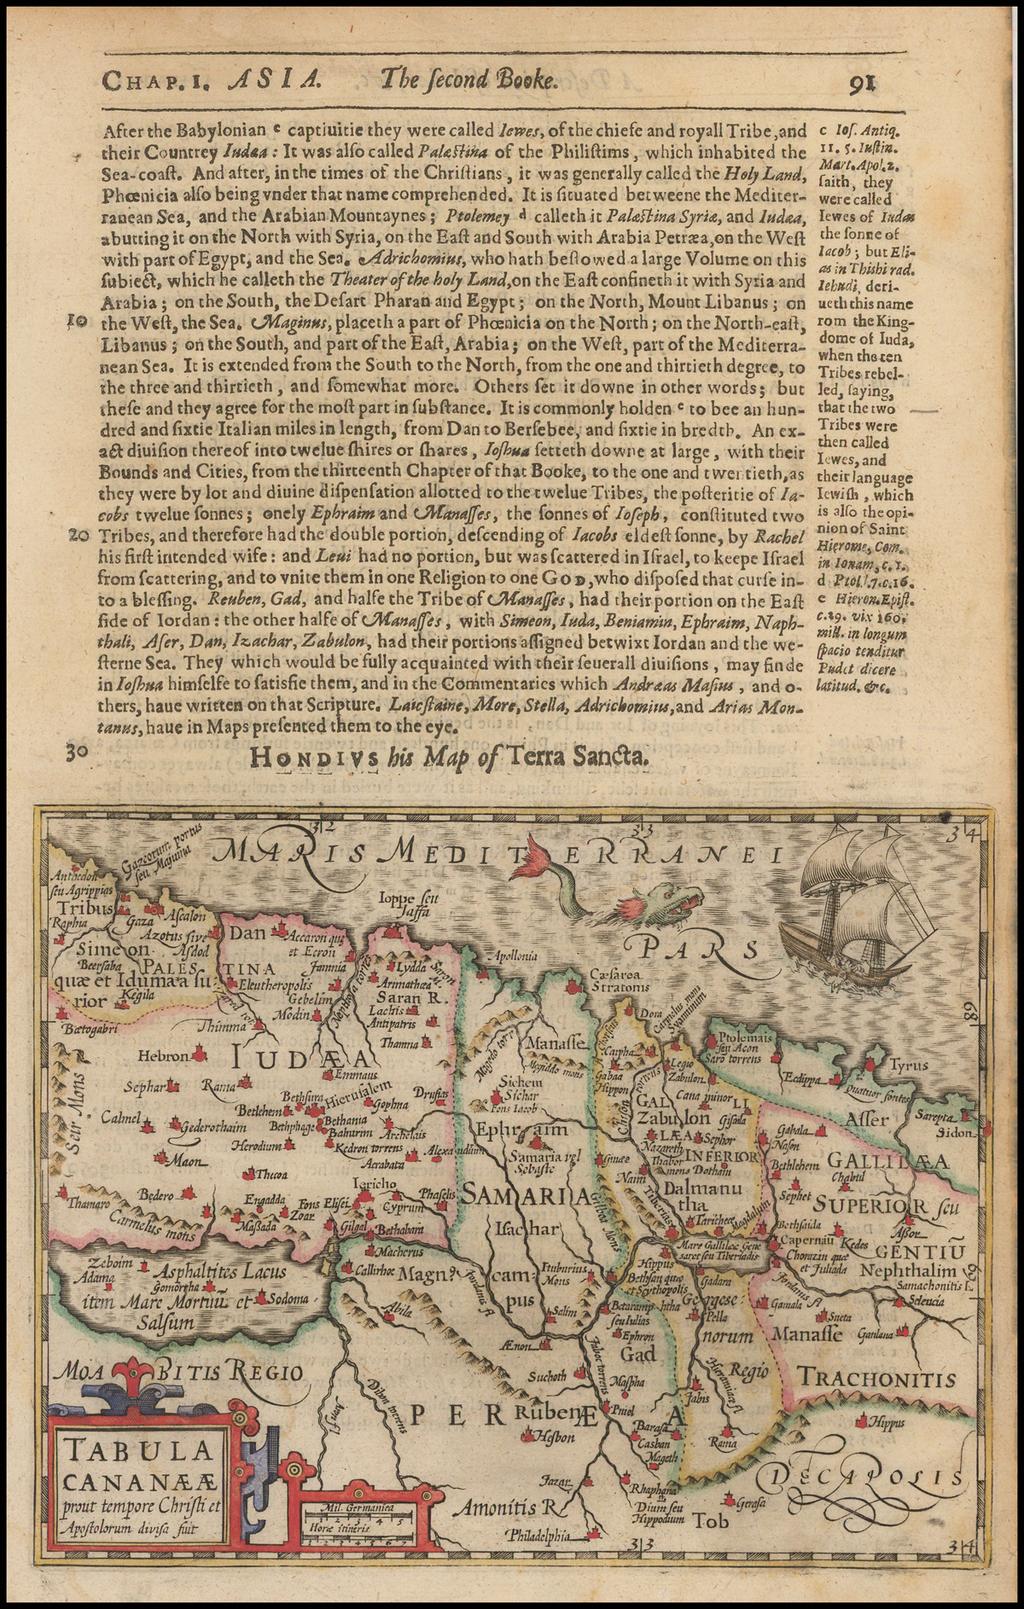 Tabula Cananaeae prout tempore Christi et Apolstolurum divisa suit By Jodocus Hondius / Samuel Purchas